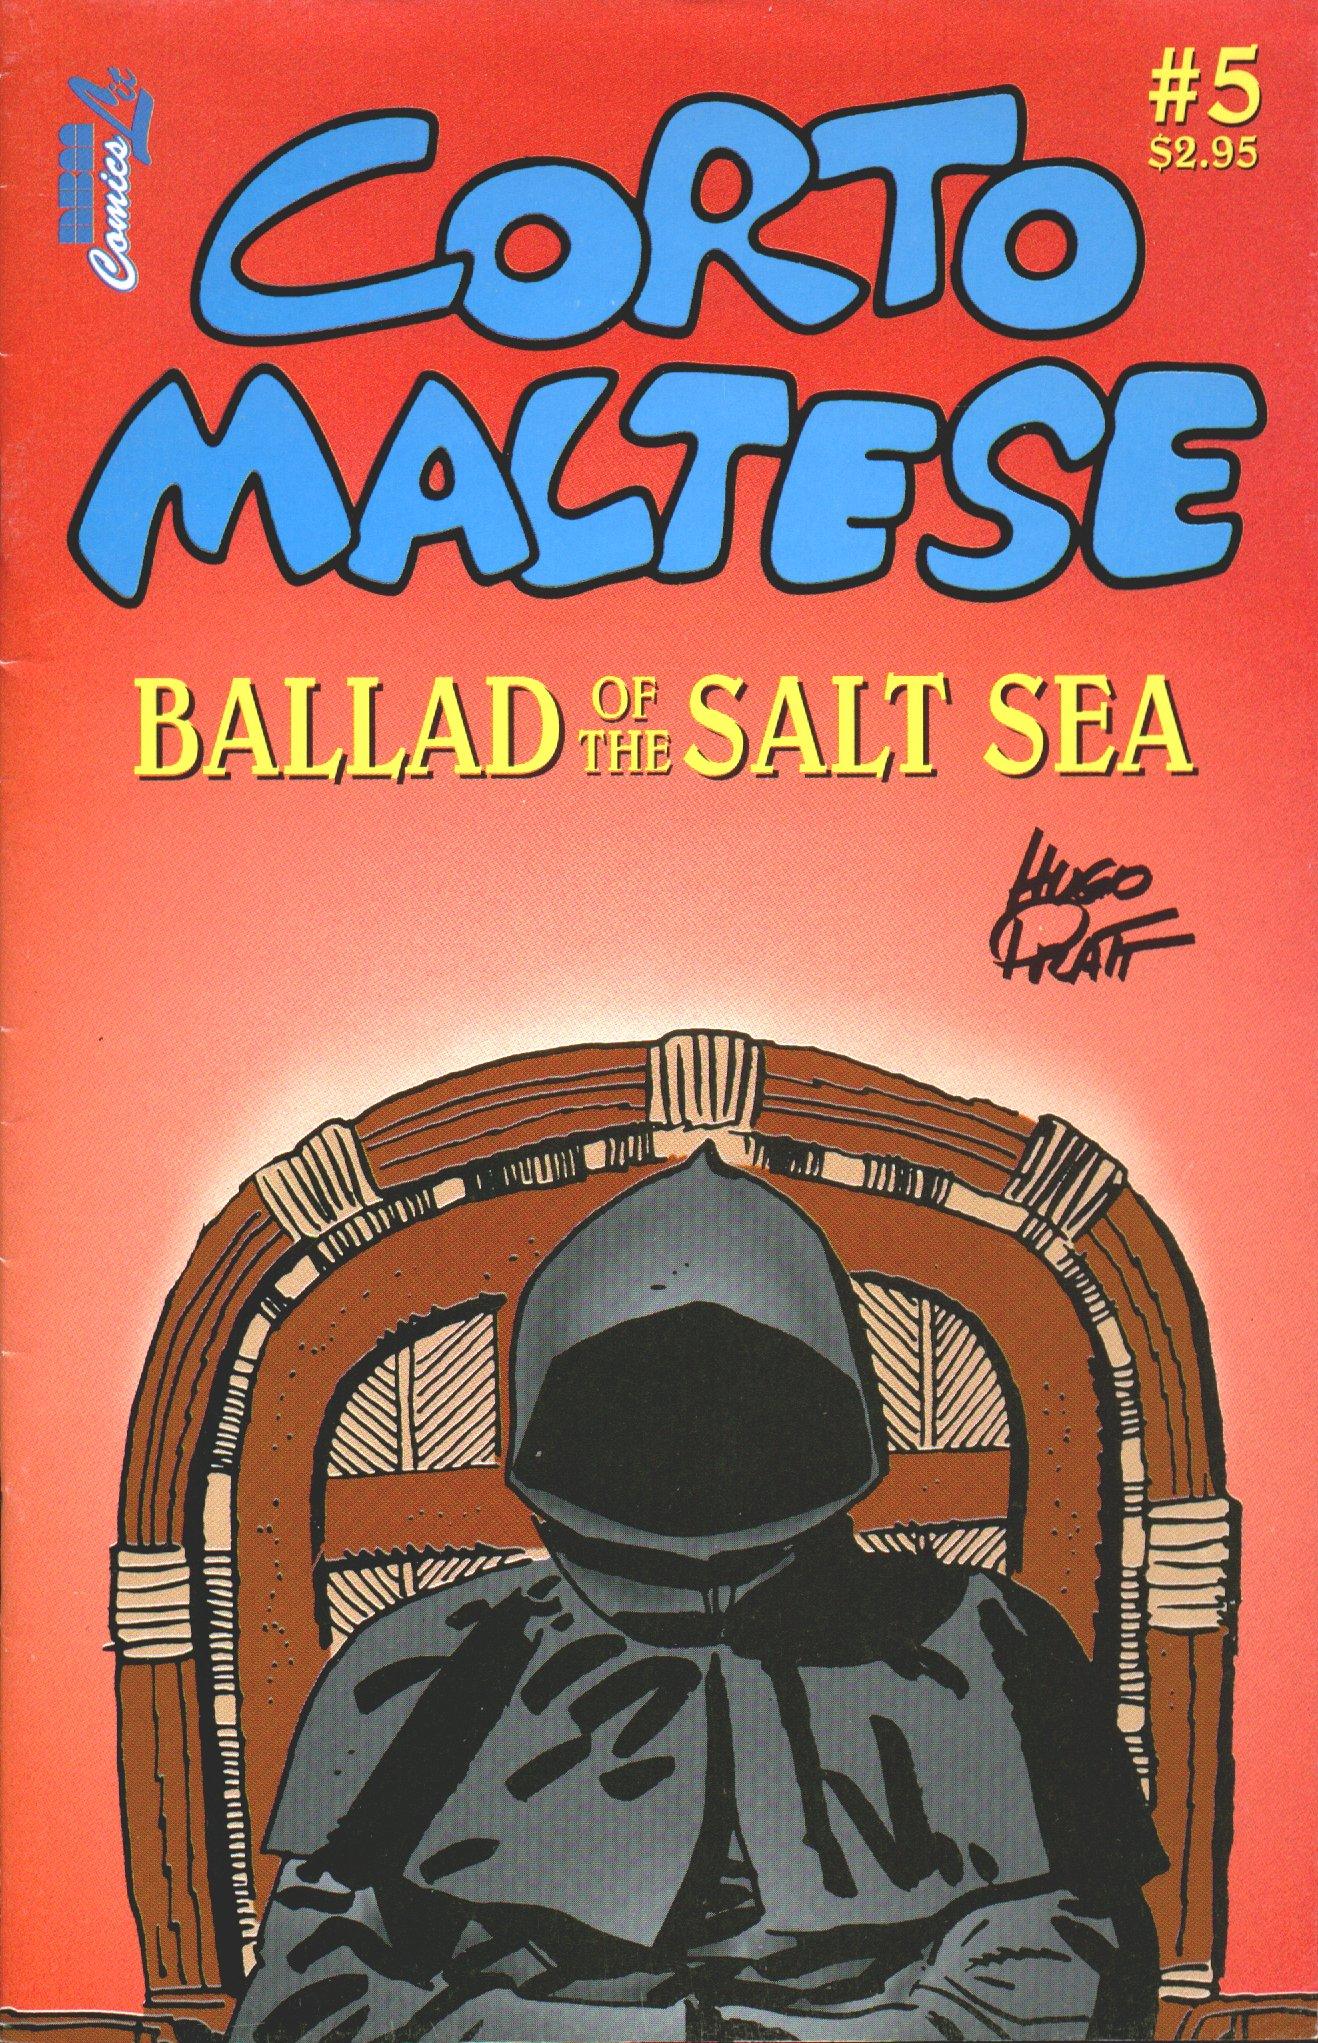 Read online Corto Maltese: Ballad of the Salt Sea comic -  Issue #5 - 1